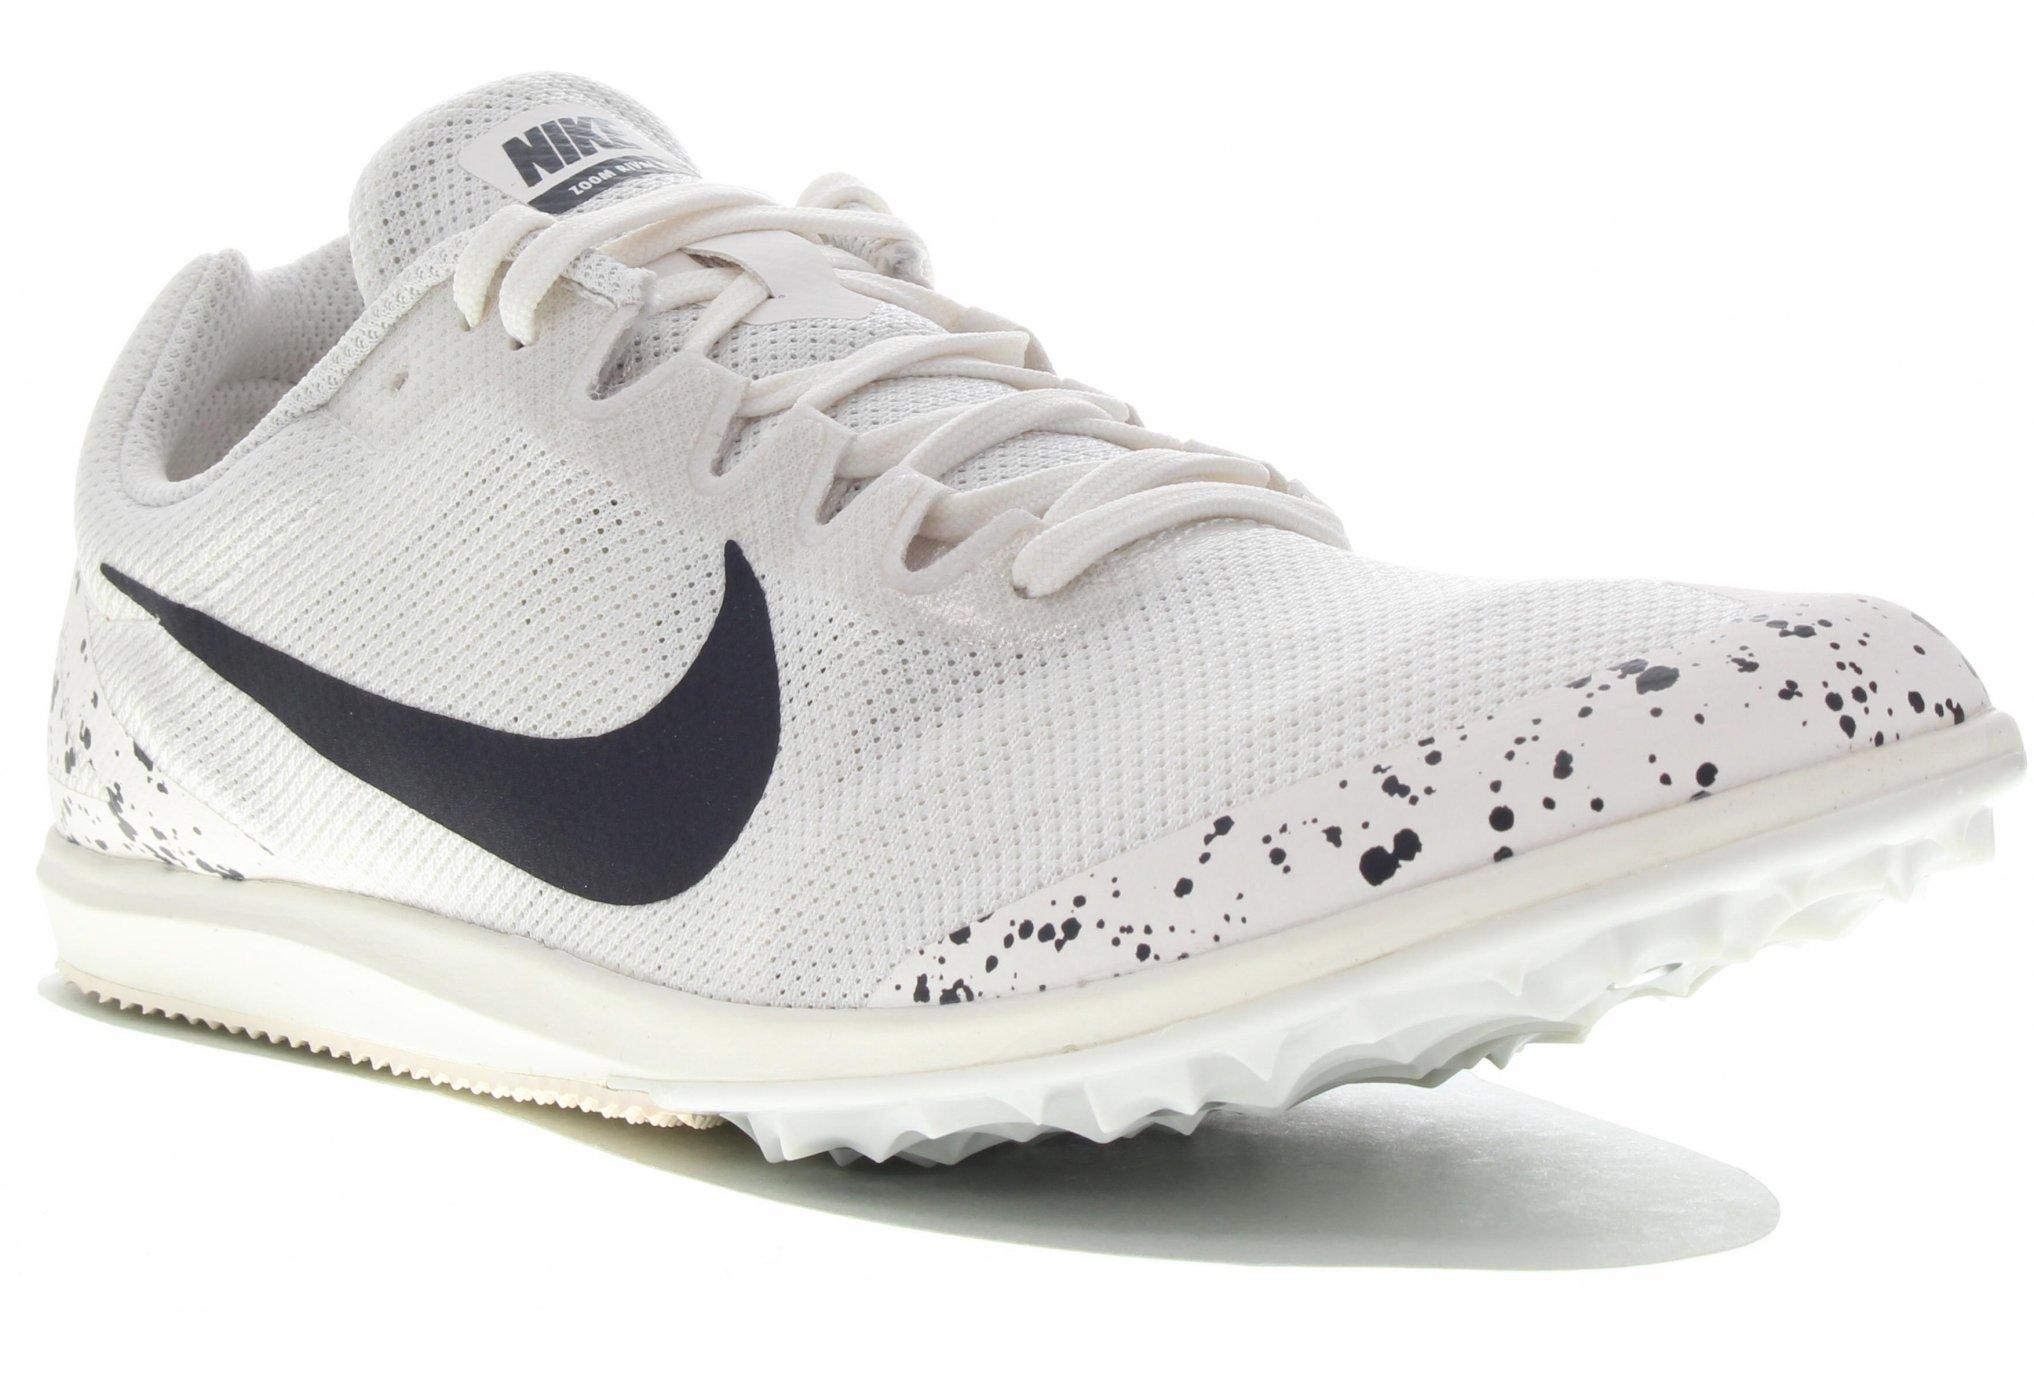 Nike Zoom Rival D 10 M Diététique Chaussures homme